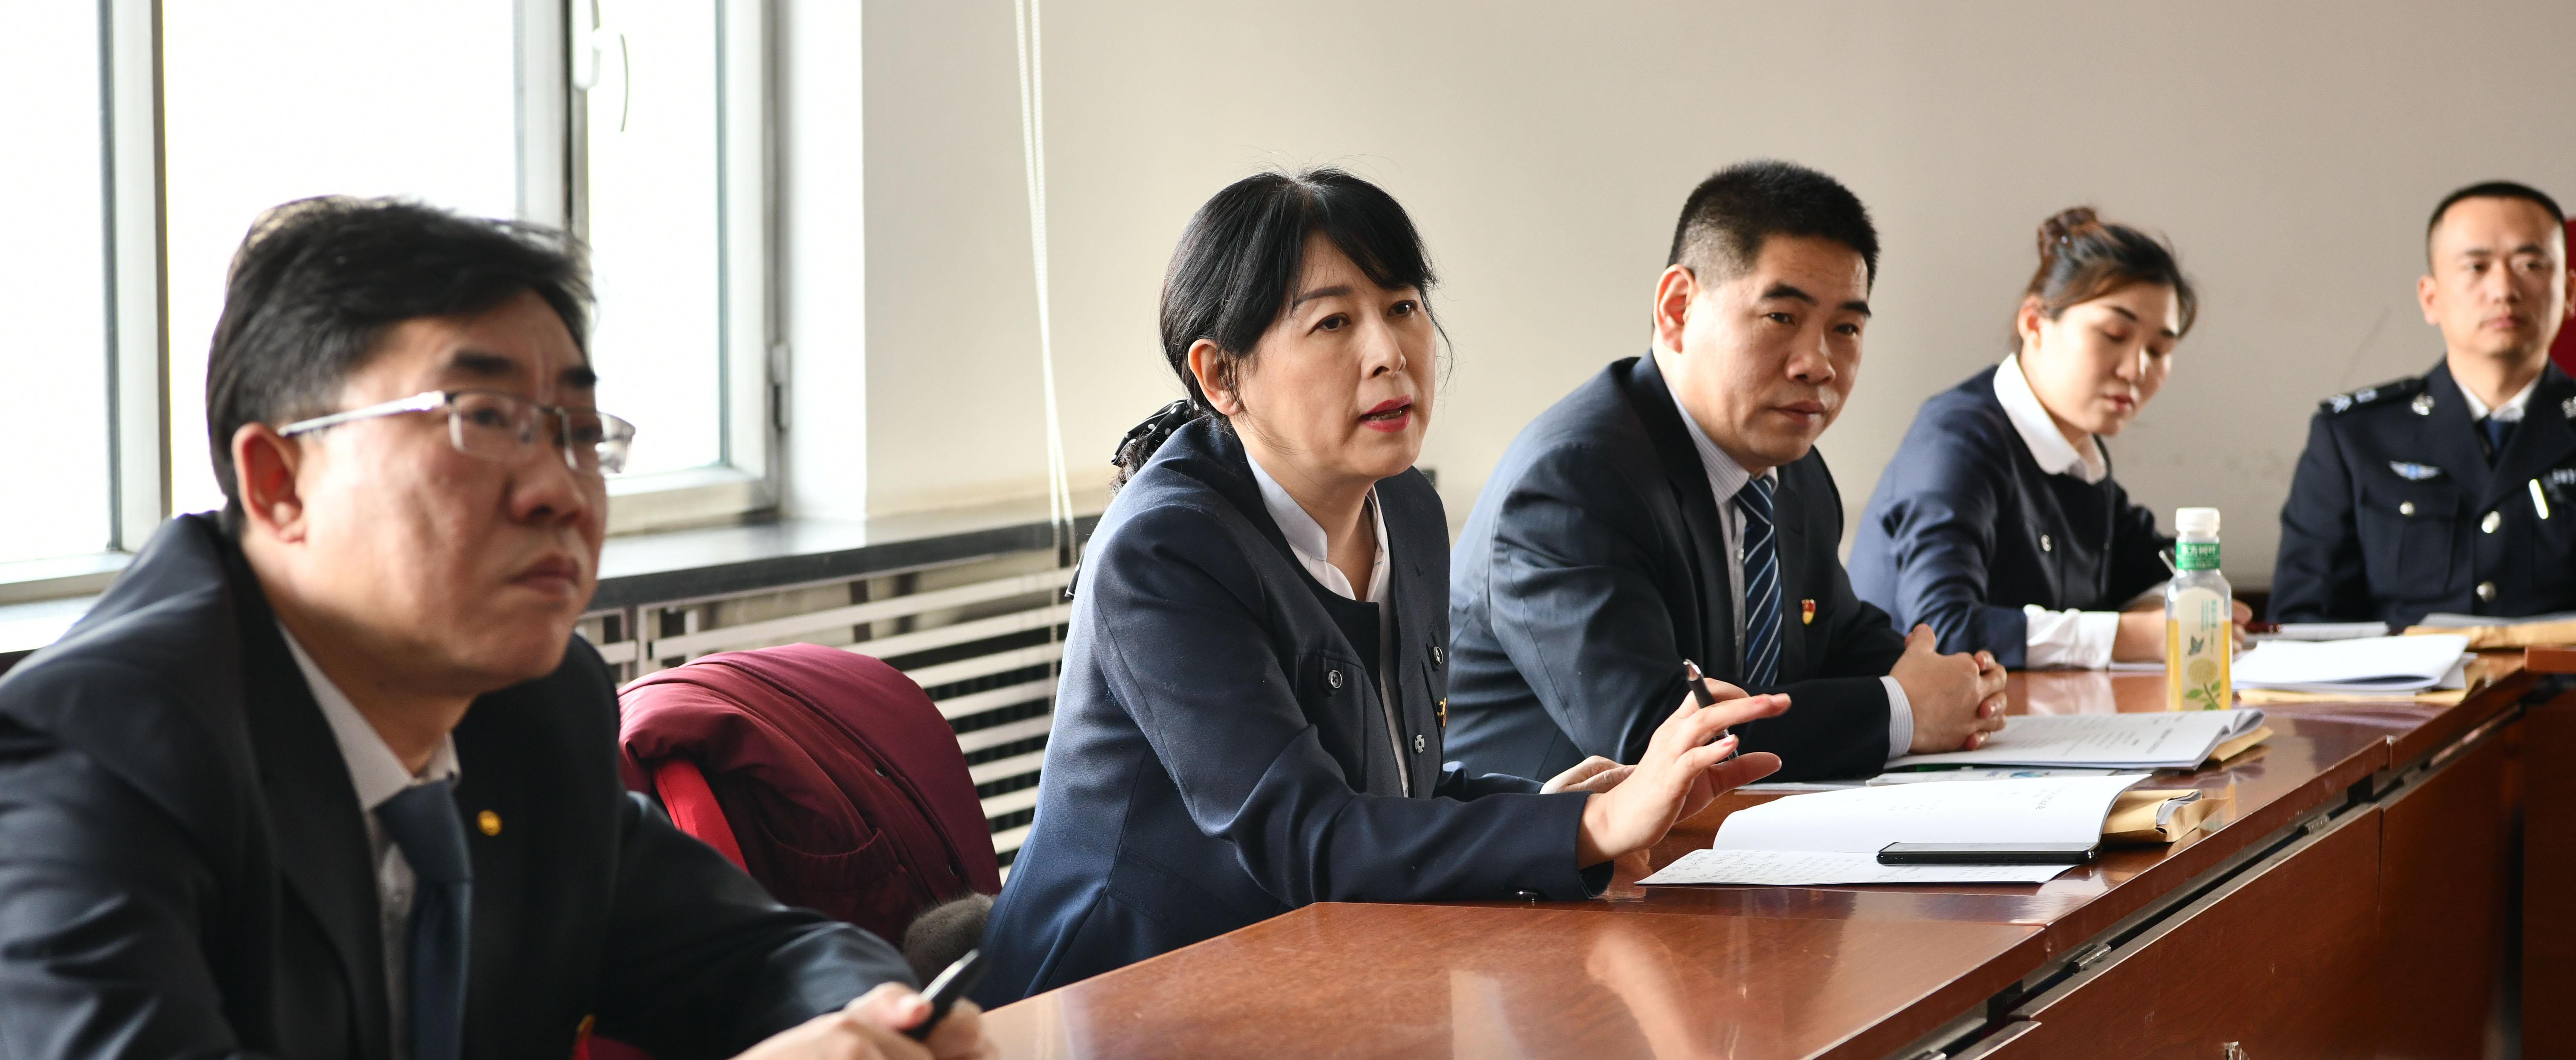 http://www.edaojz.cn/yuleshishang/455865.html